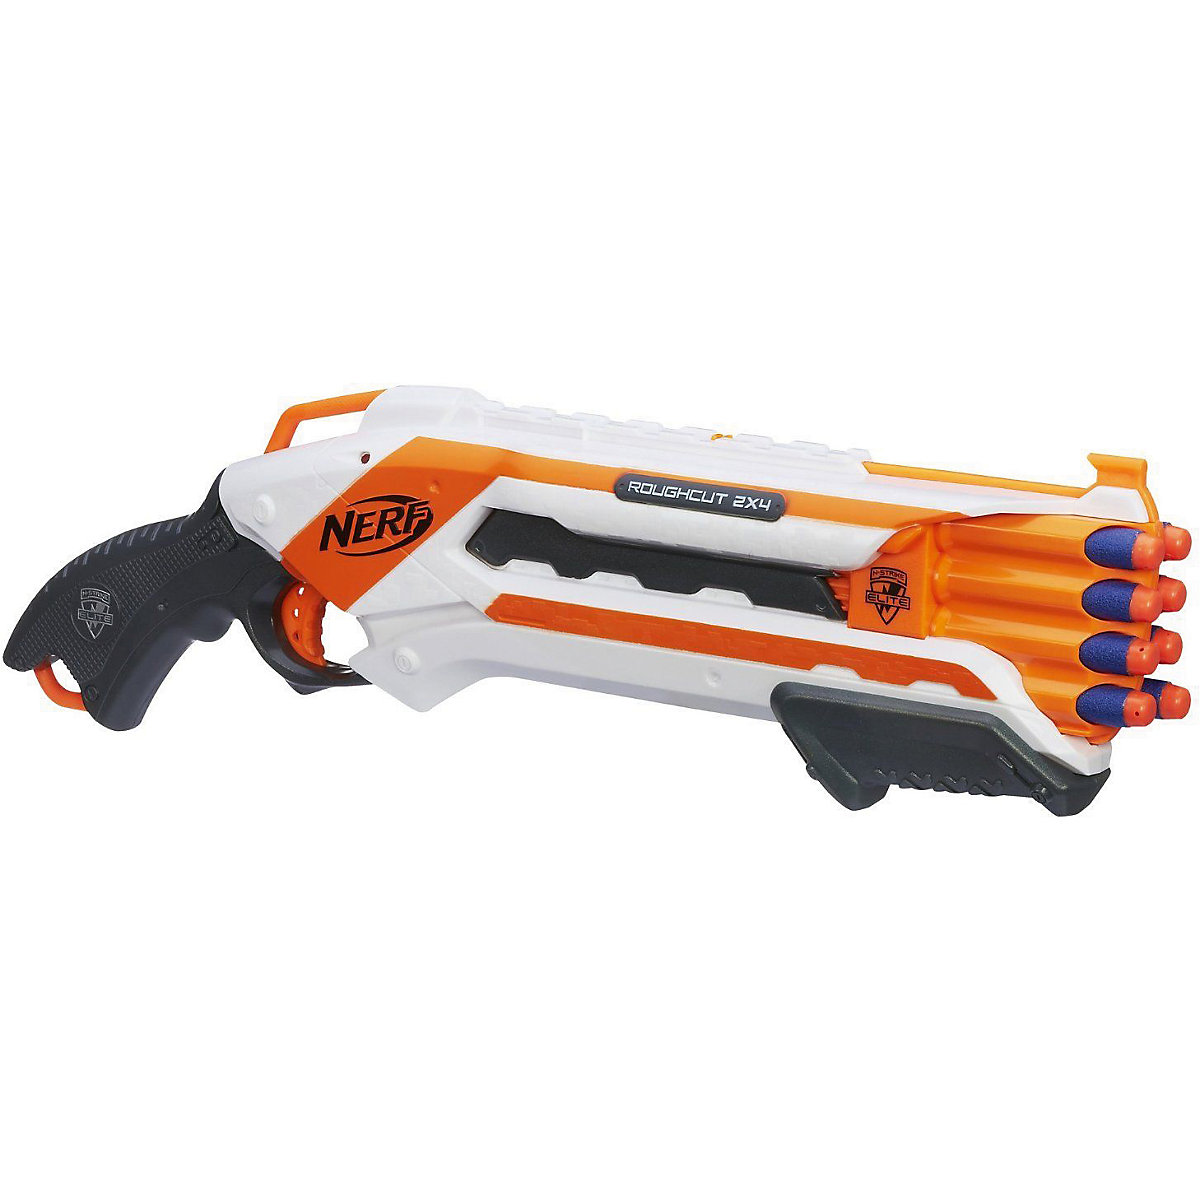 Jouets pistolets NERF 3222052 enfants jouet pistolet arme blaster garçons jeux de tir jeu de plein air MTpromo